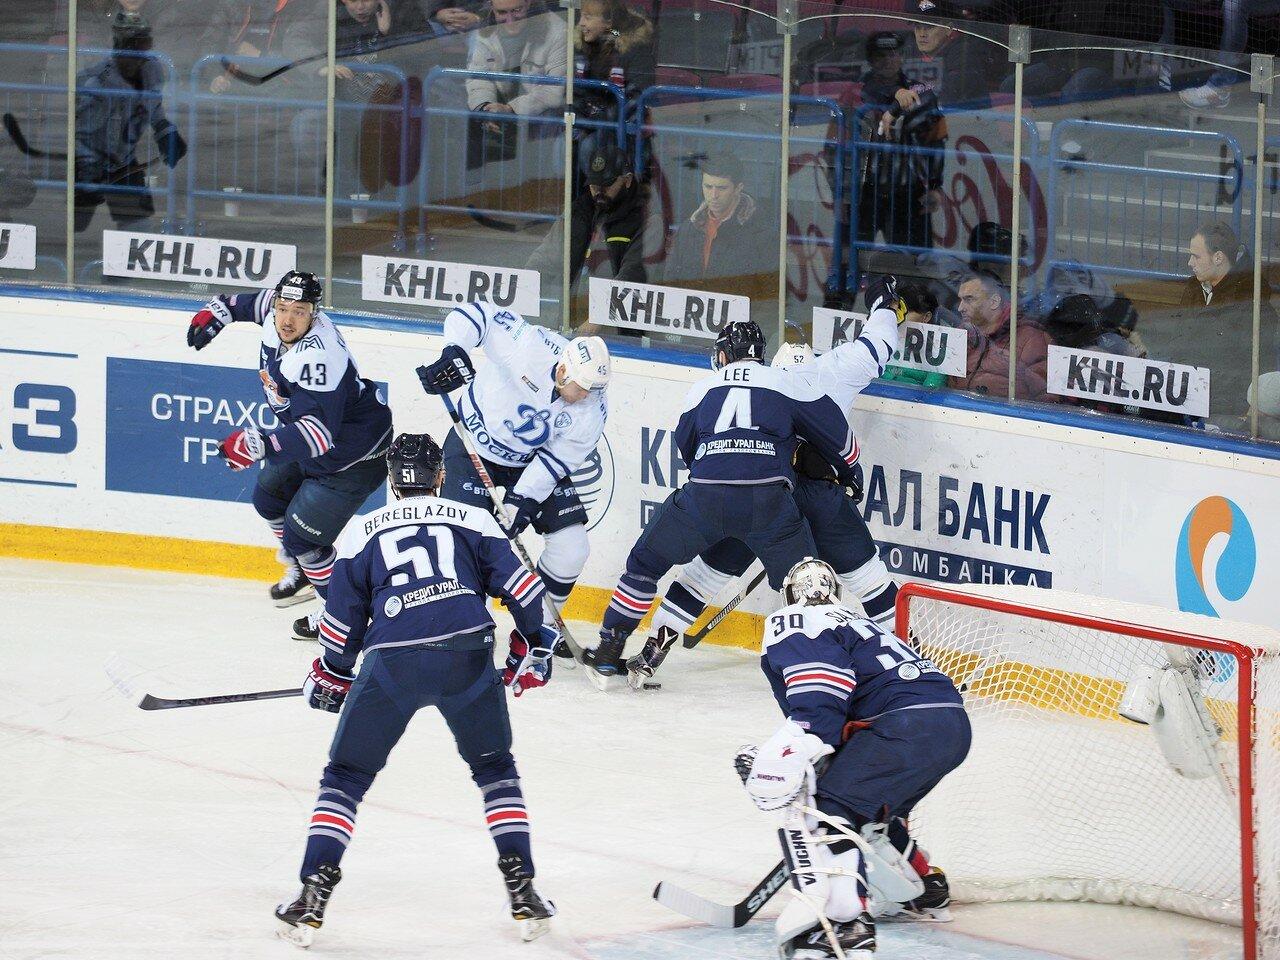 74Металлург - Динамо Москва 21.11.2016